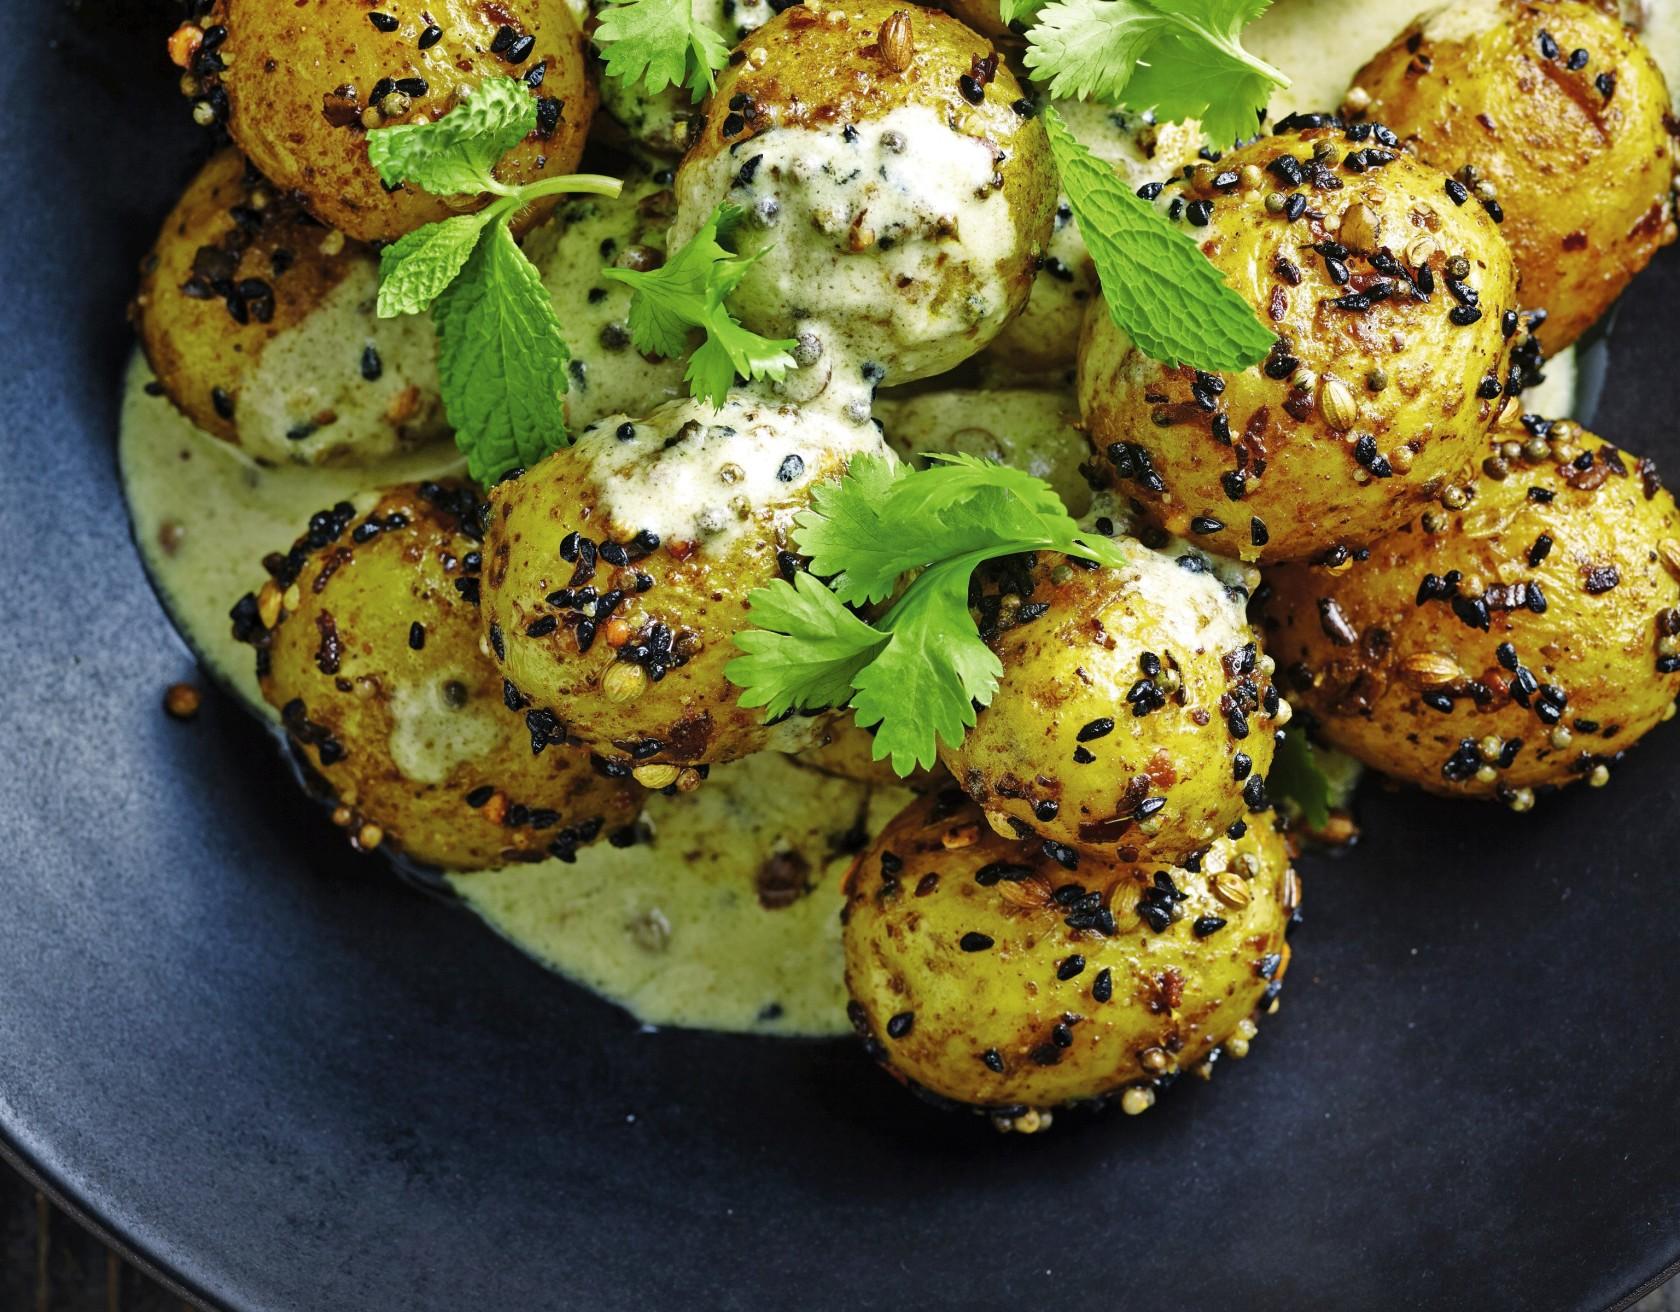 Giv de nye, danske kartofler skøn smag af varme krydderier.